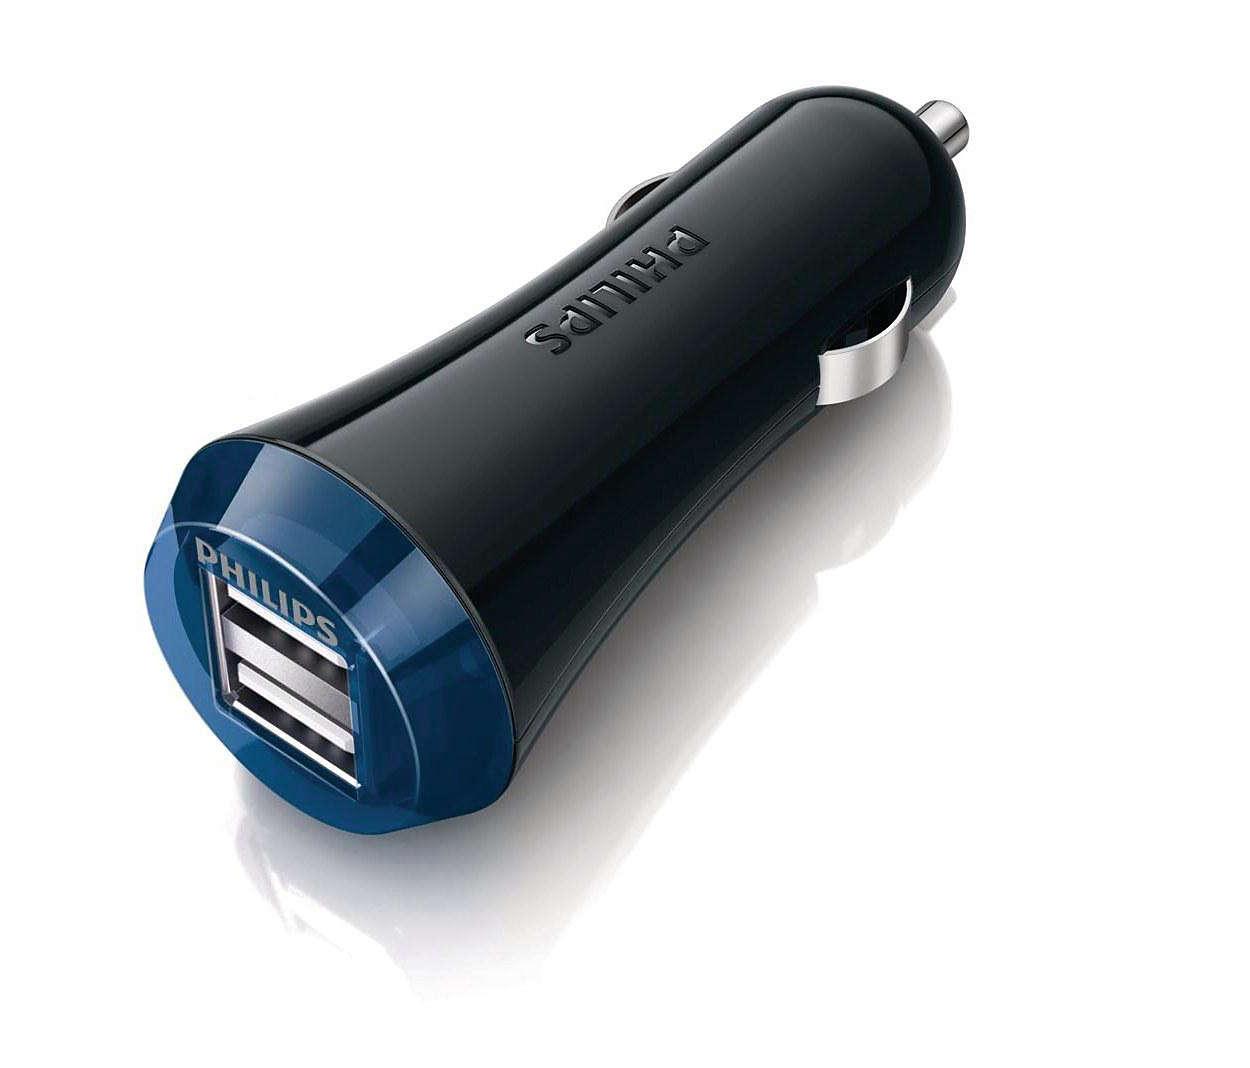 Caricabatterie per auto ultra veloce